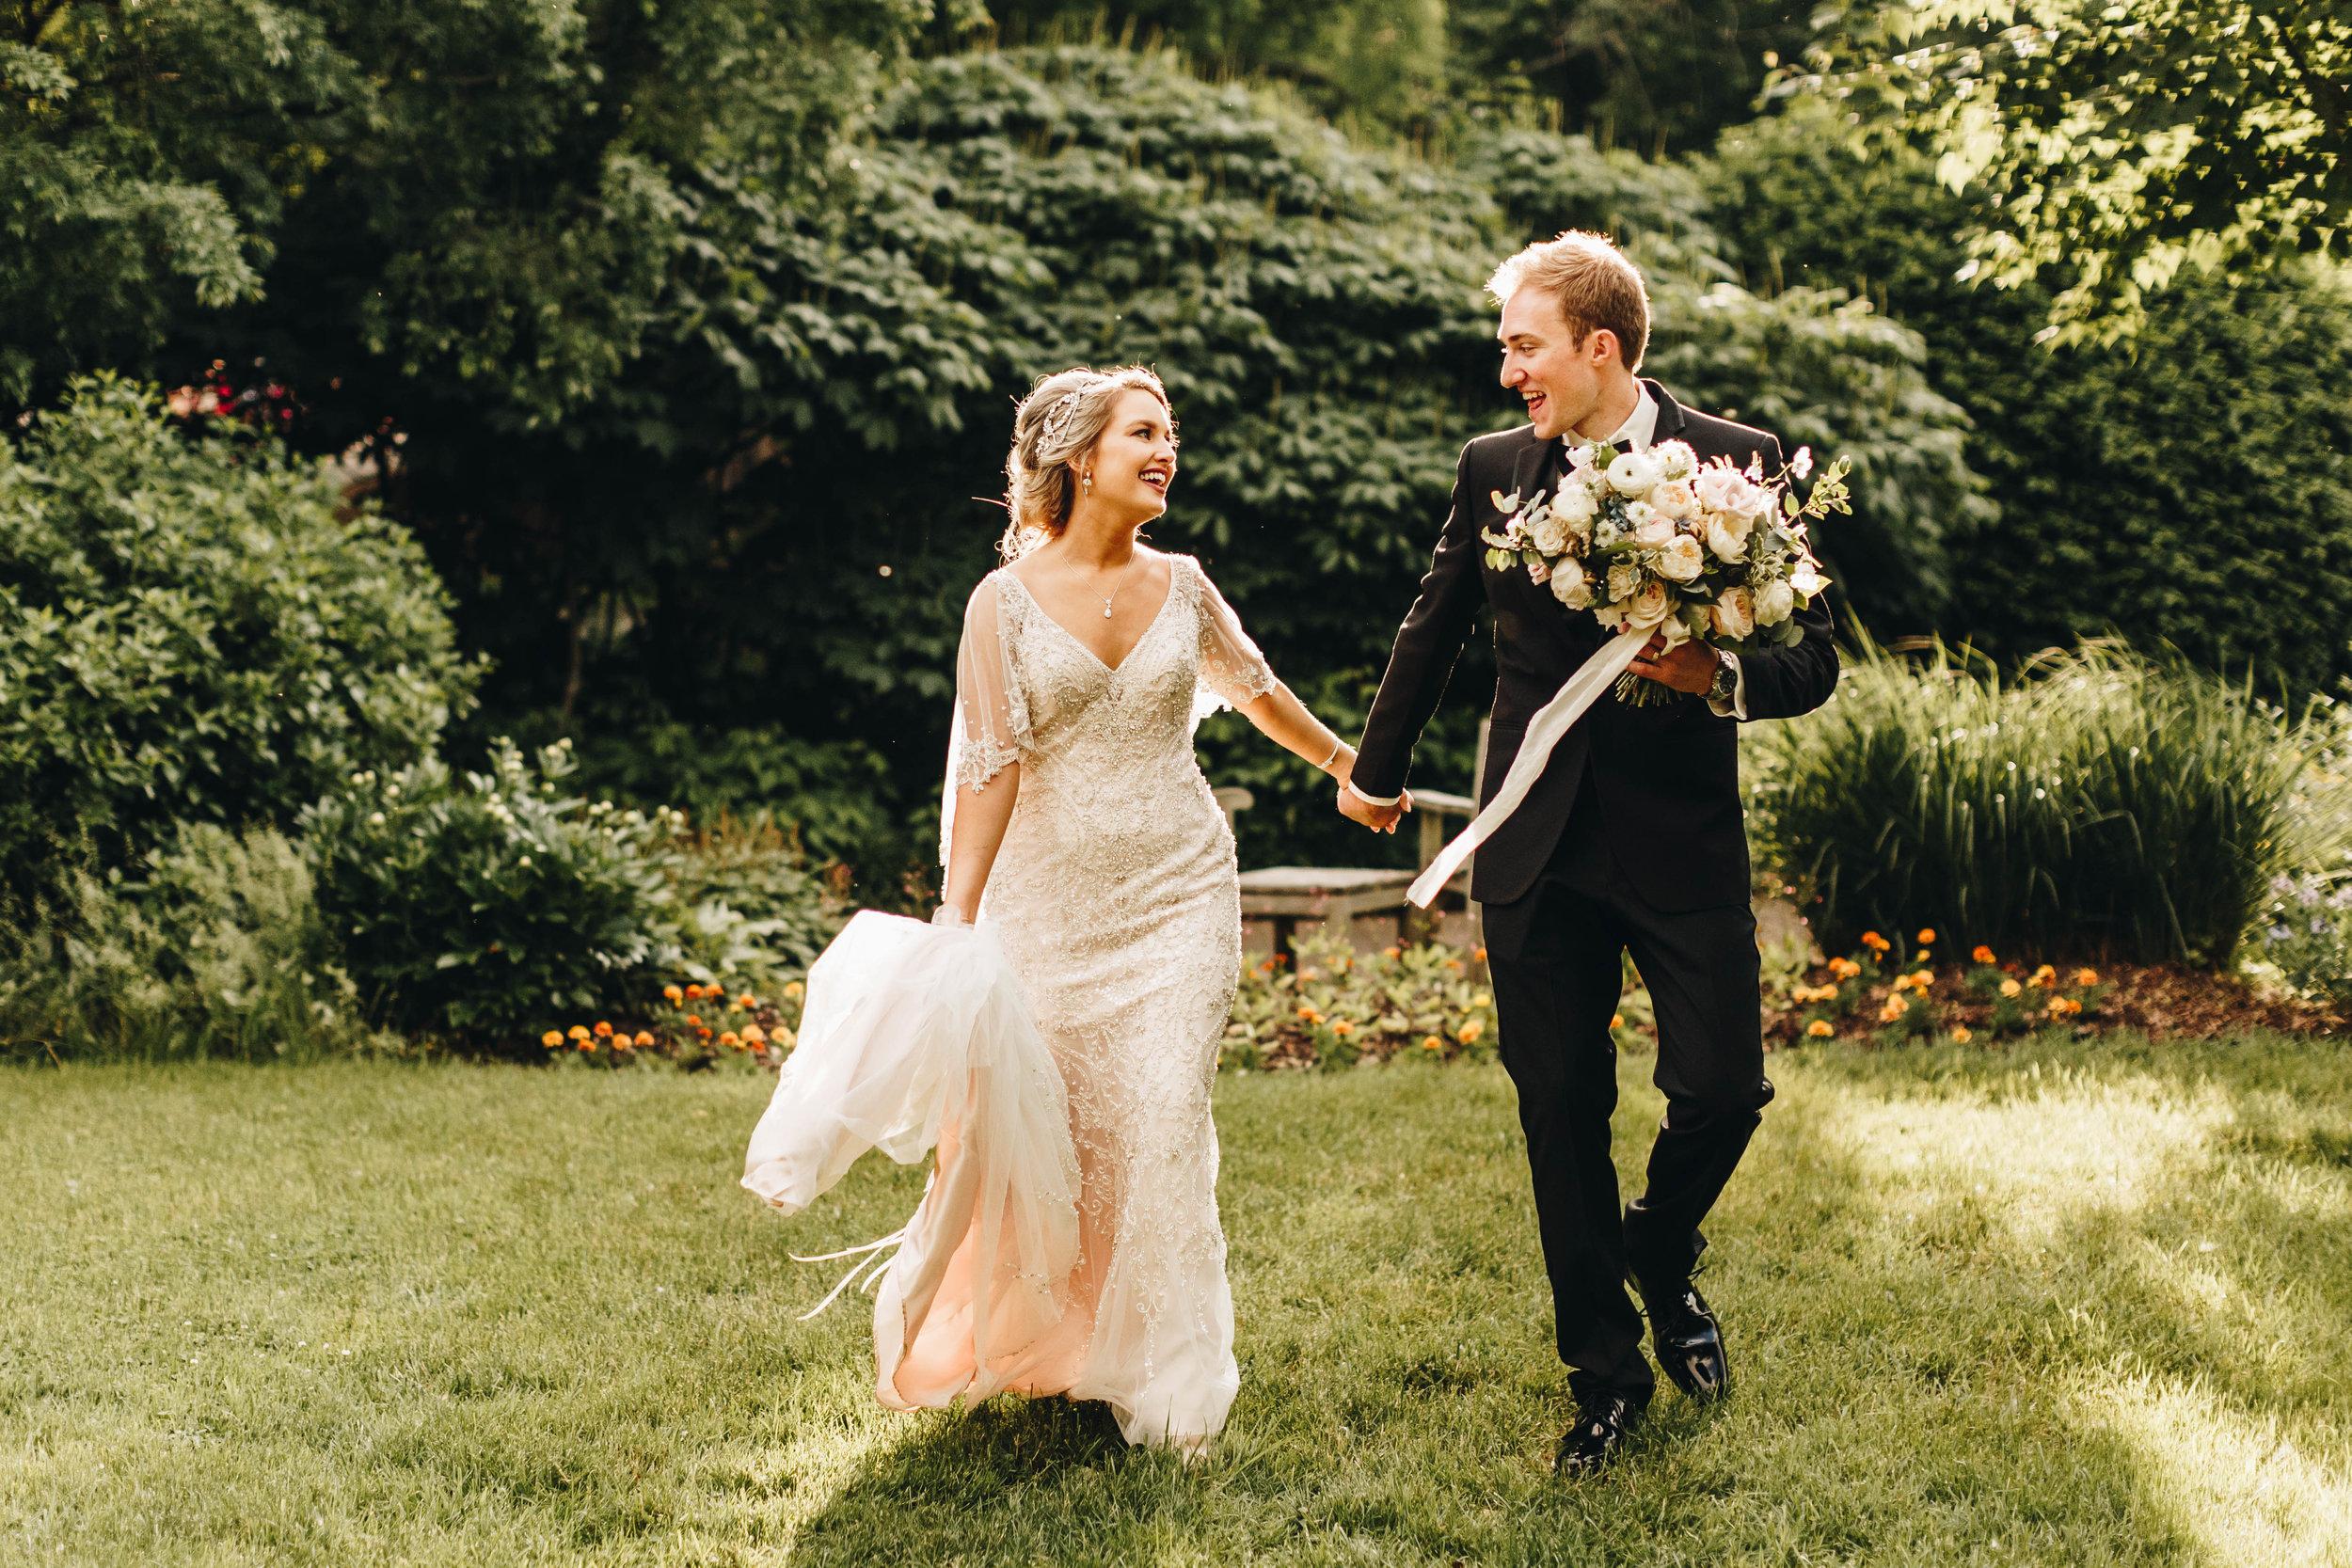 Cincinnati+wedding+photographer-52.jpeg